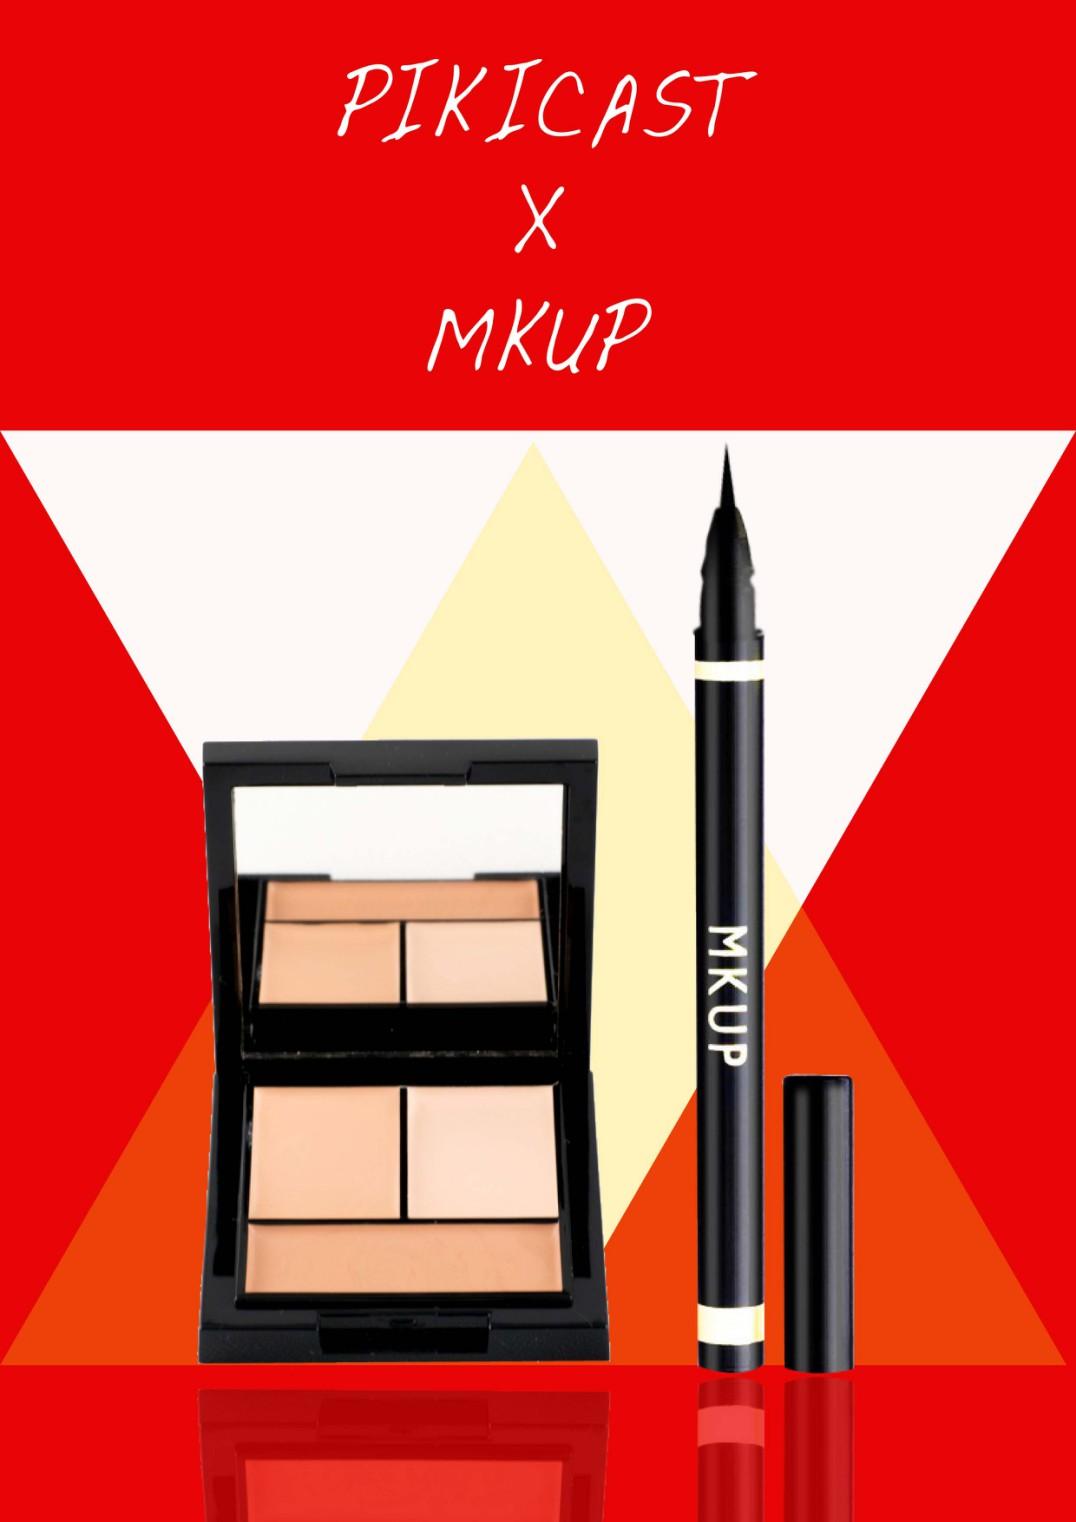 沒錯!最近在網購美妝界成為話題的美妝品牌MKUP與Pikicast合作推出【Pikicast X MKUP 美妝盒】,內附「MKUP三色精華遮瑕膏」+「MKUP激細深黑眼線筆」,贈送給Piki的粉絲們 ❤